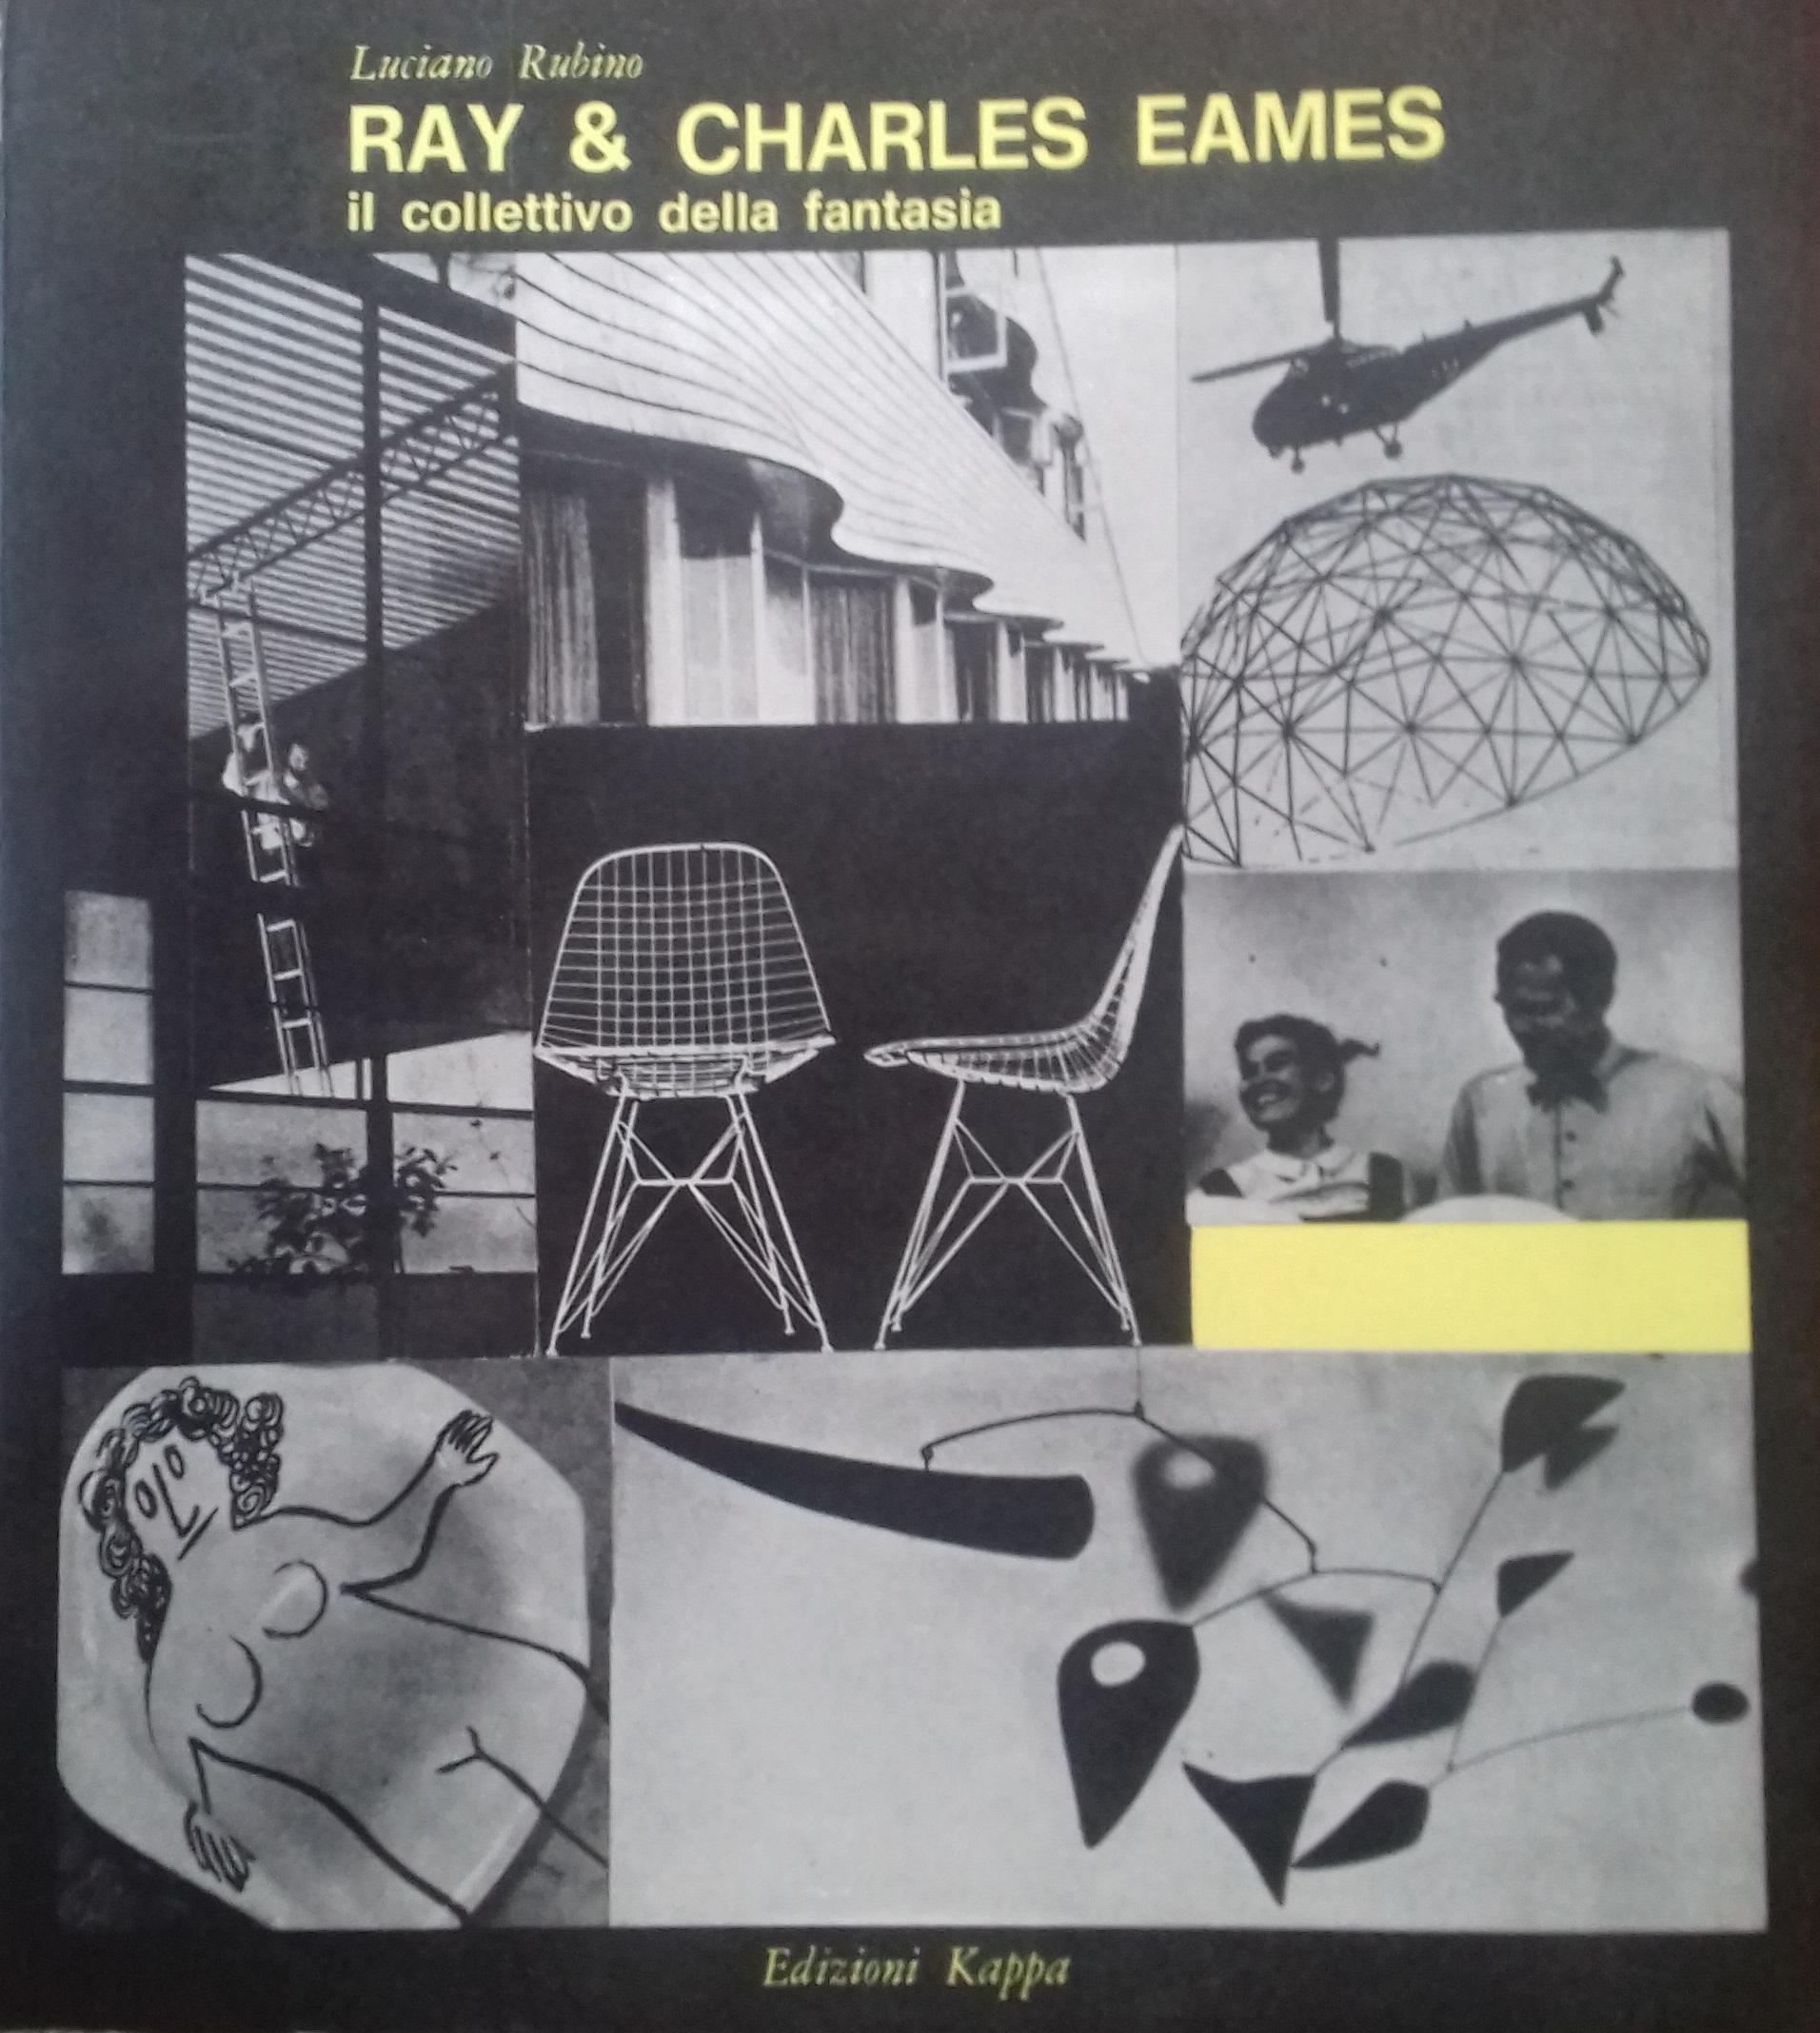 Ray & Charles Eames. Il collettivo della fantasia - Luciano Rubino